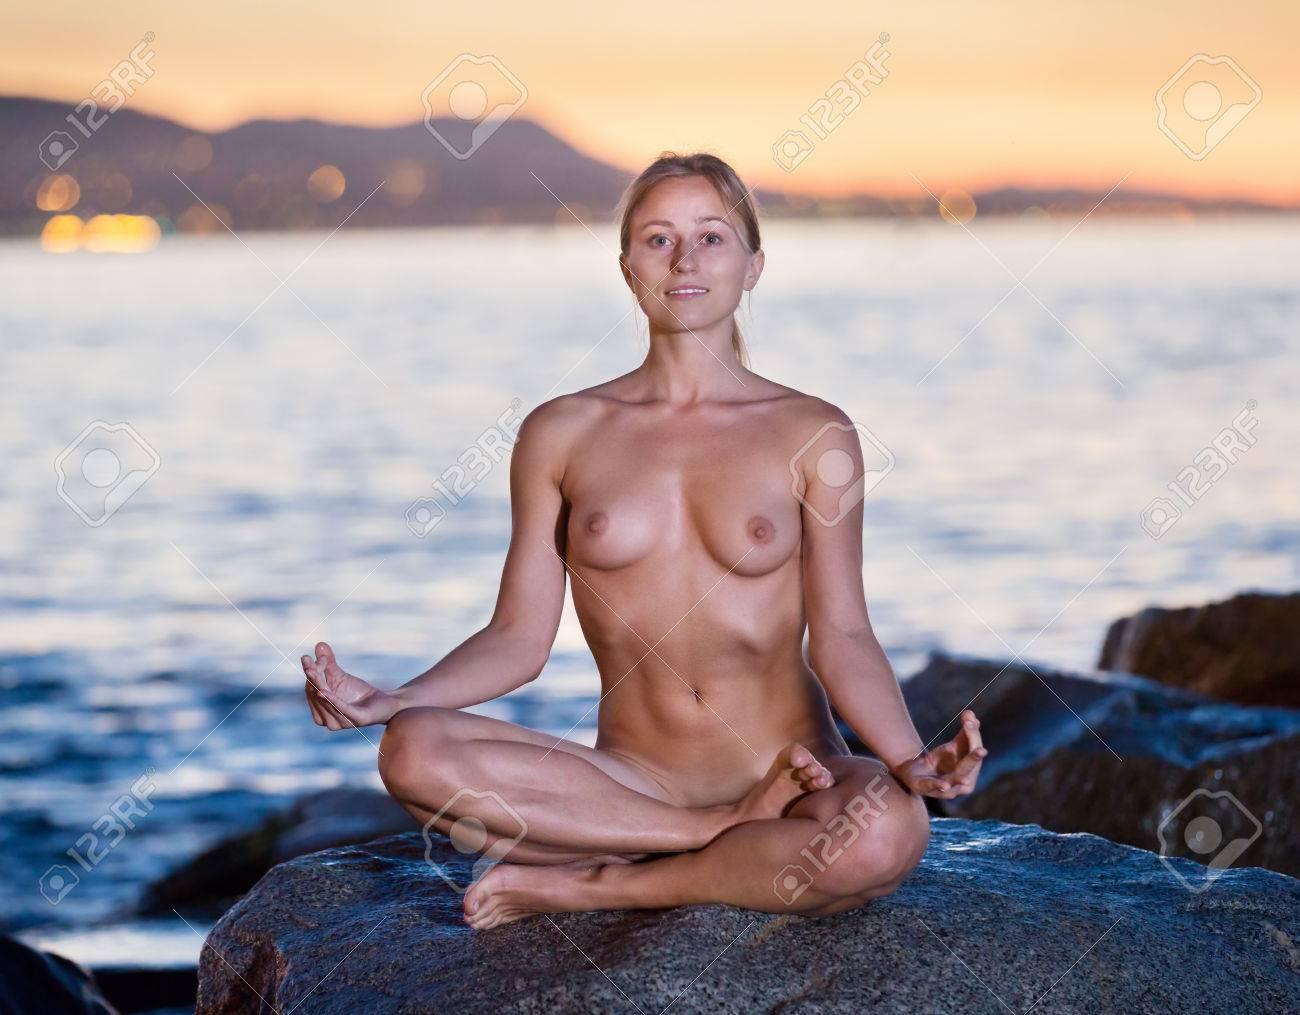 Porn actress nude pics